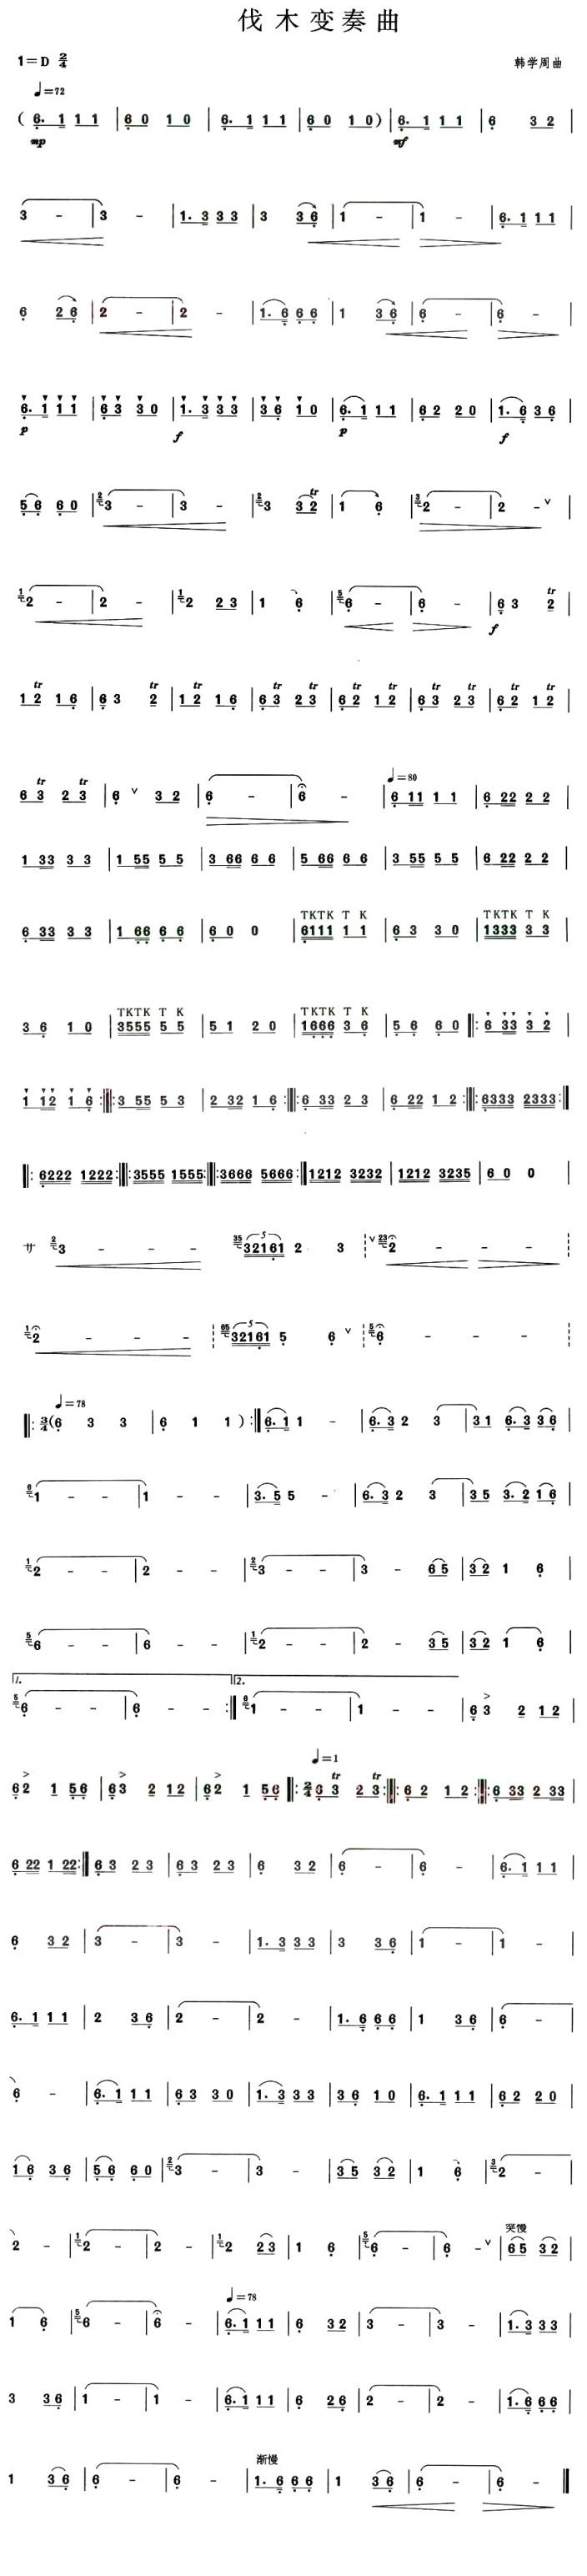 葫芦丝曲谱 伐木变奏曲